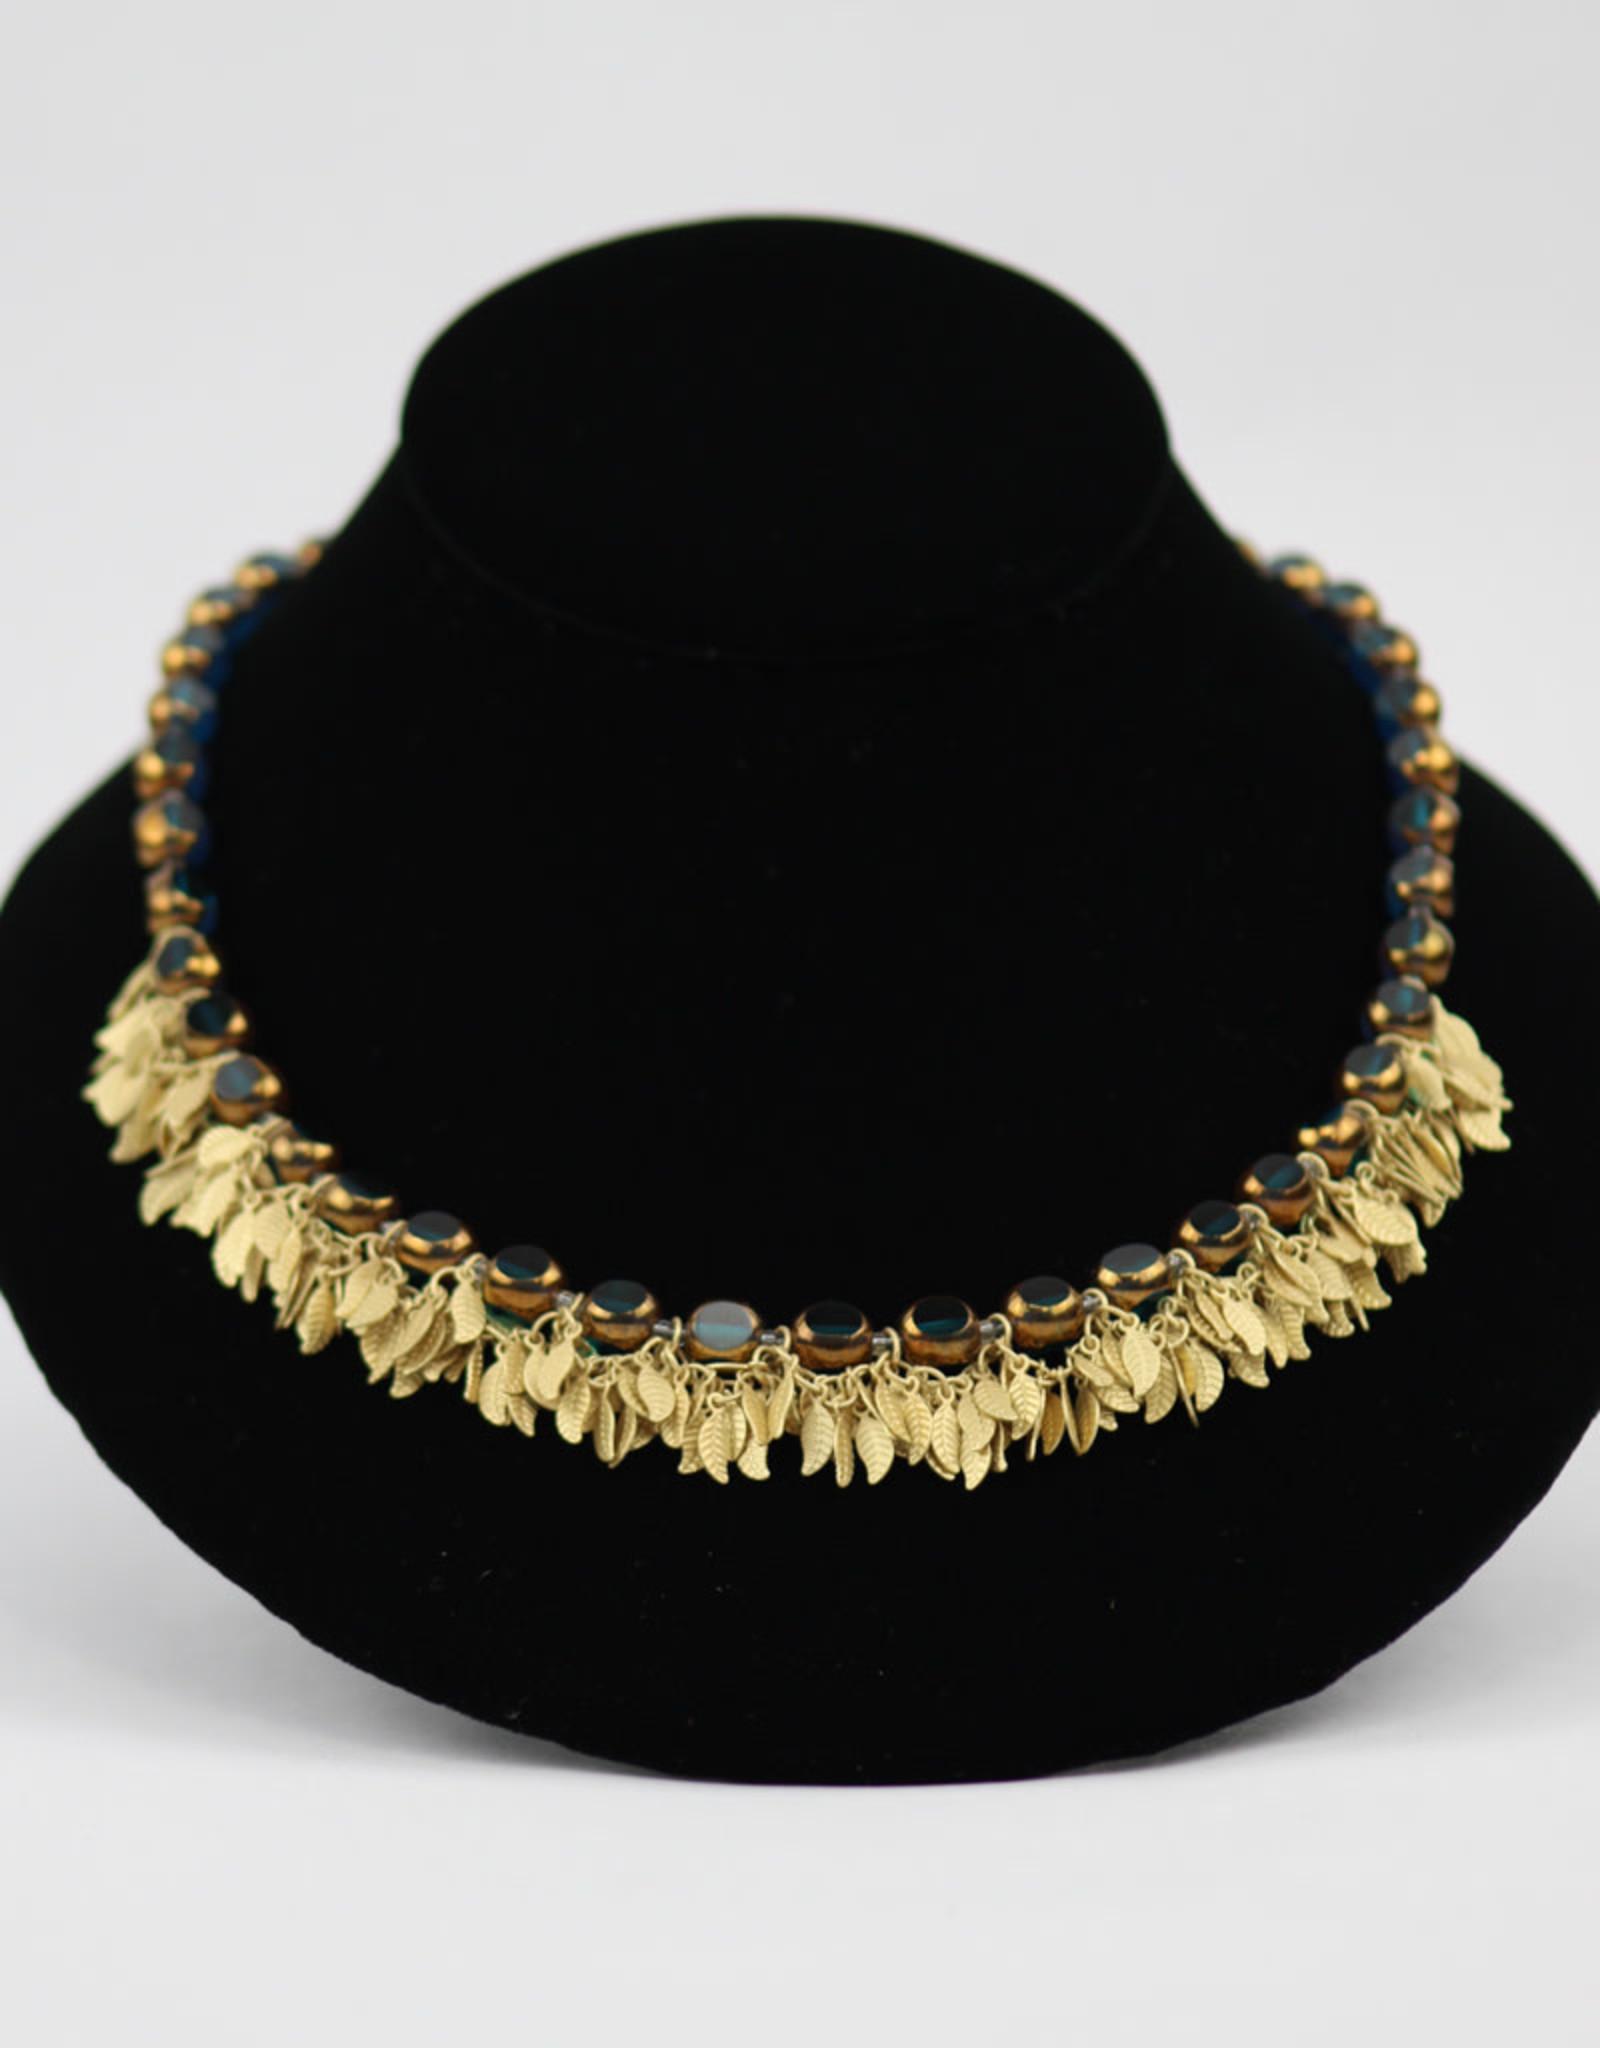 Stefanie Wolf Designs Fringe Necklace